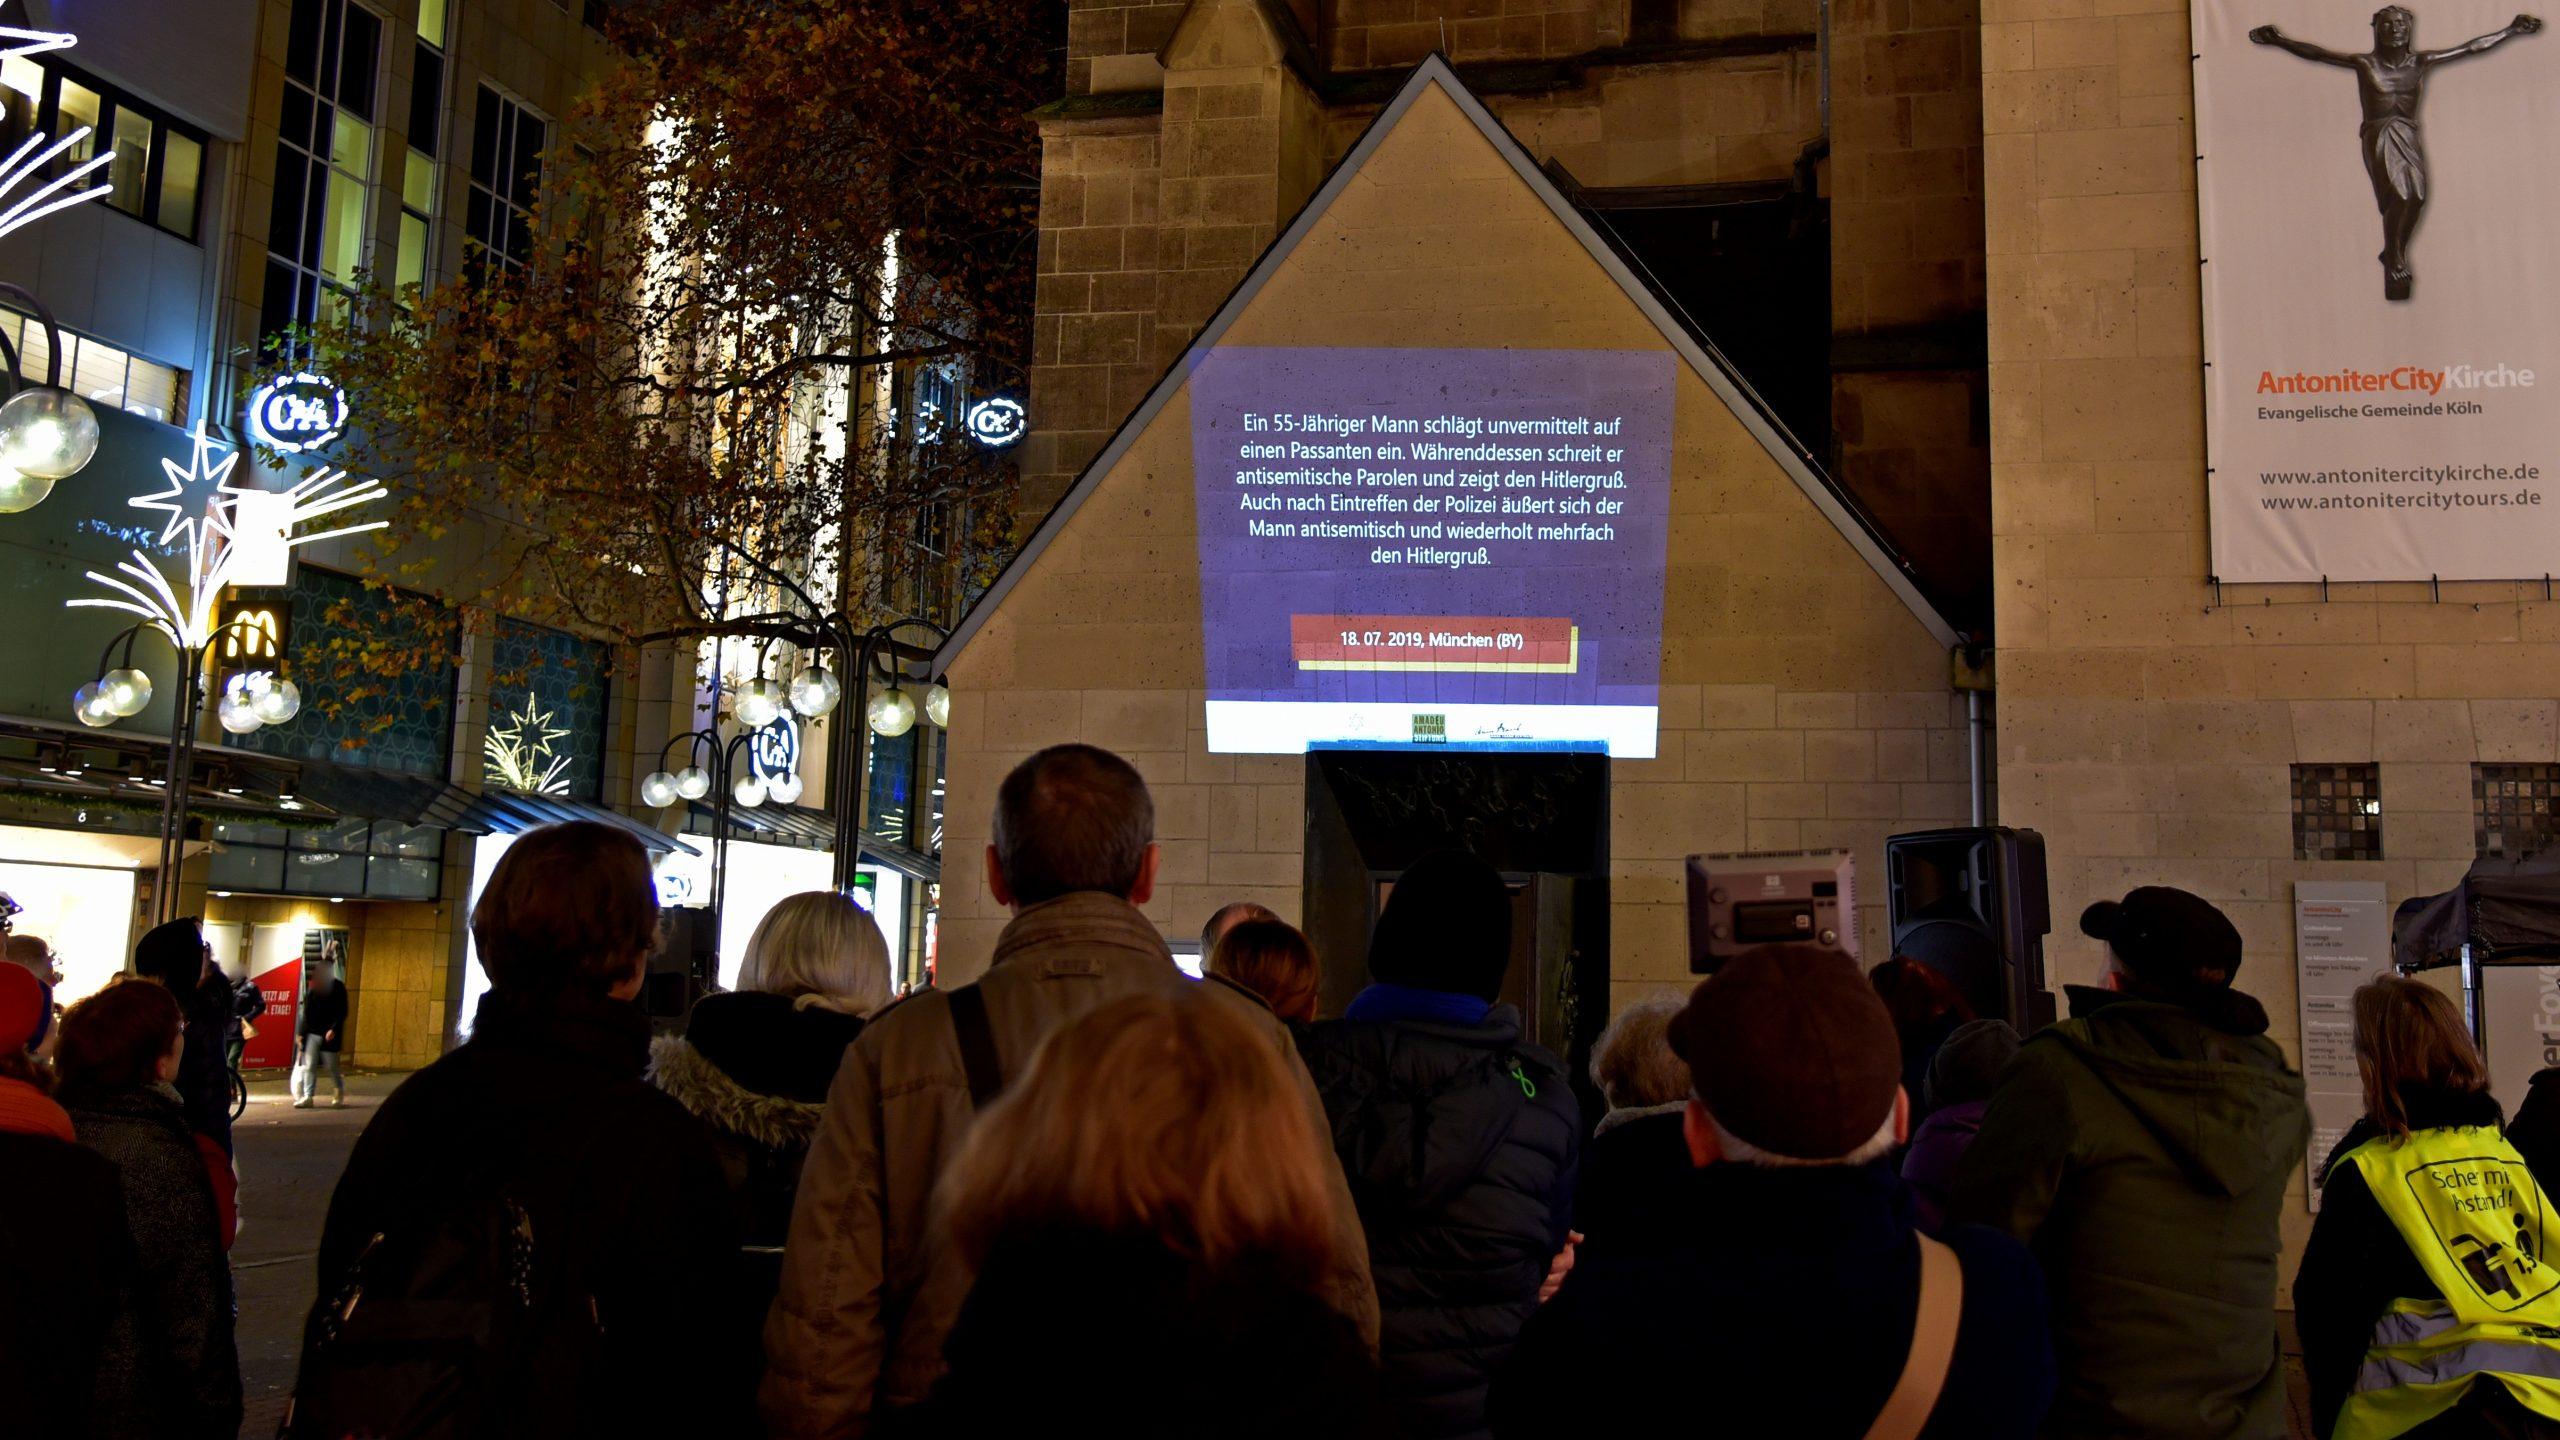 Öffentliche Projektion antisemitischer Straftaten – Ein Zeichen gegen Antisemitismus und für eine offene Gesellschaft.